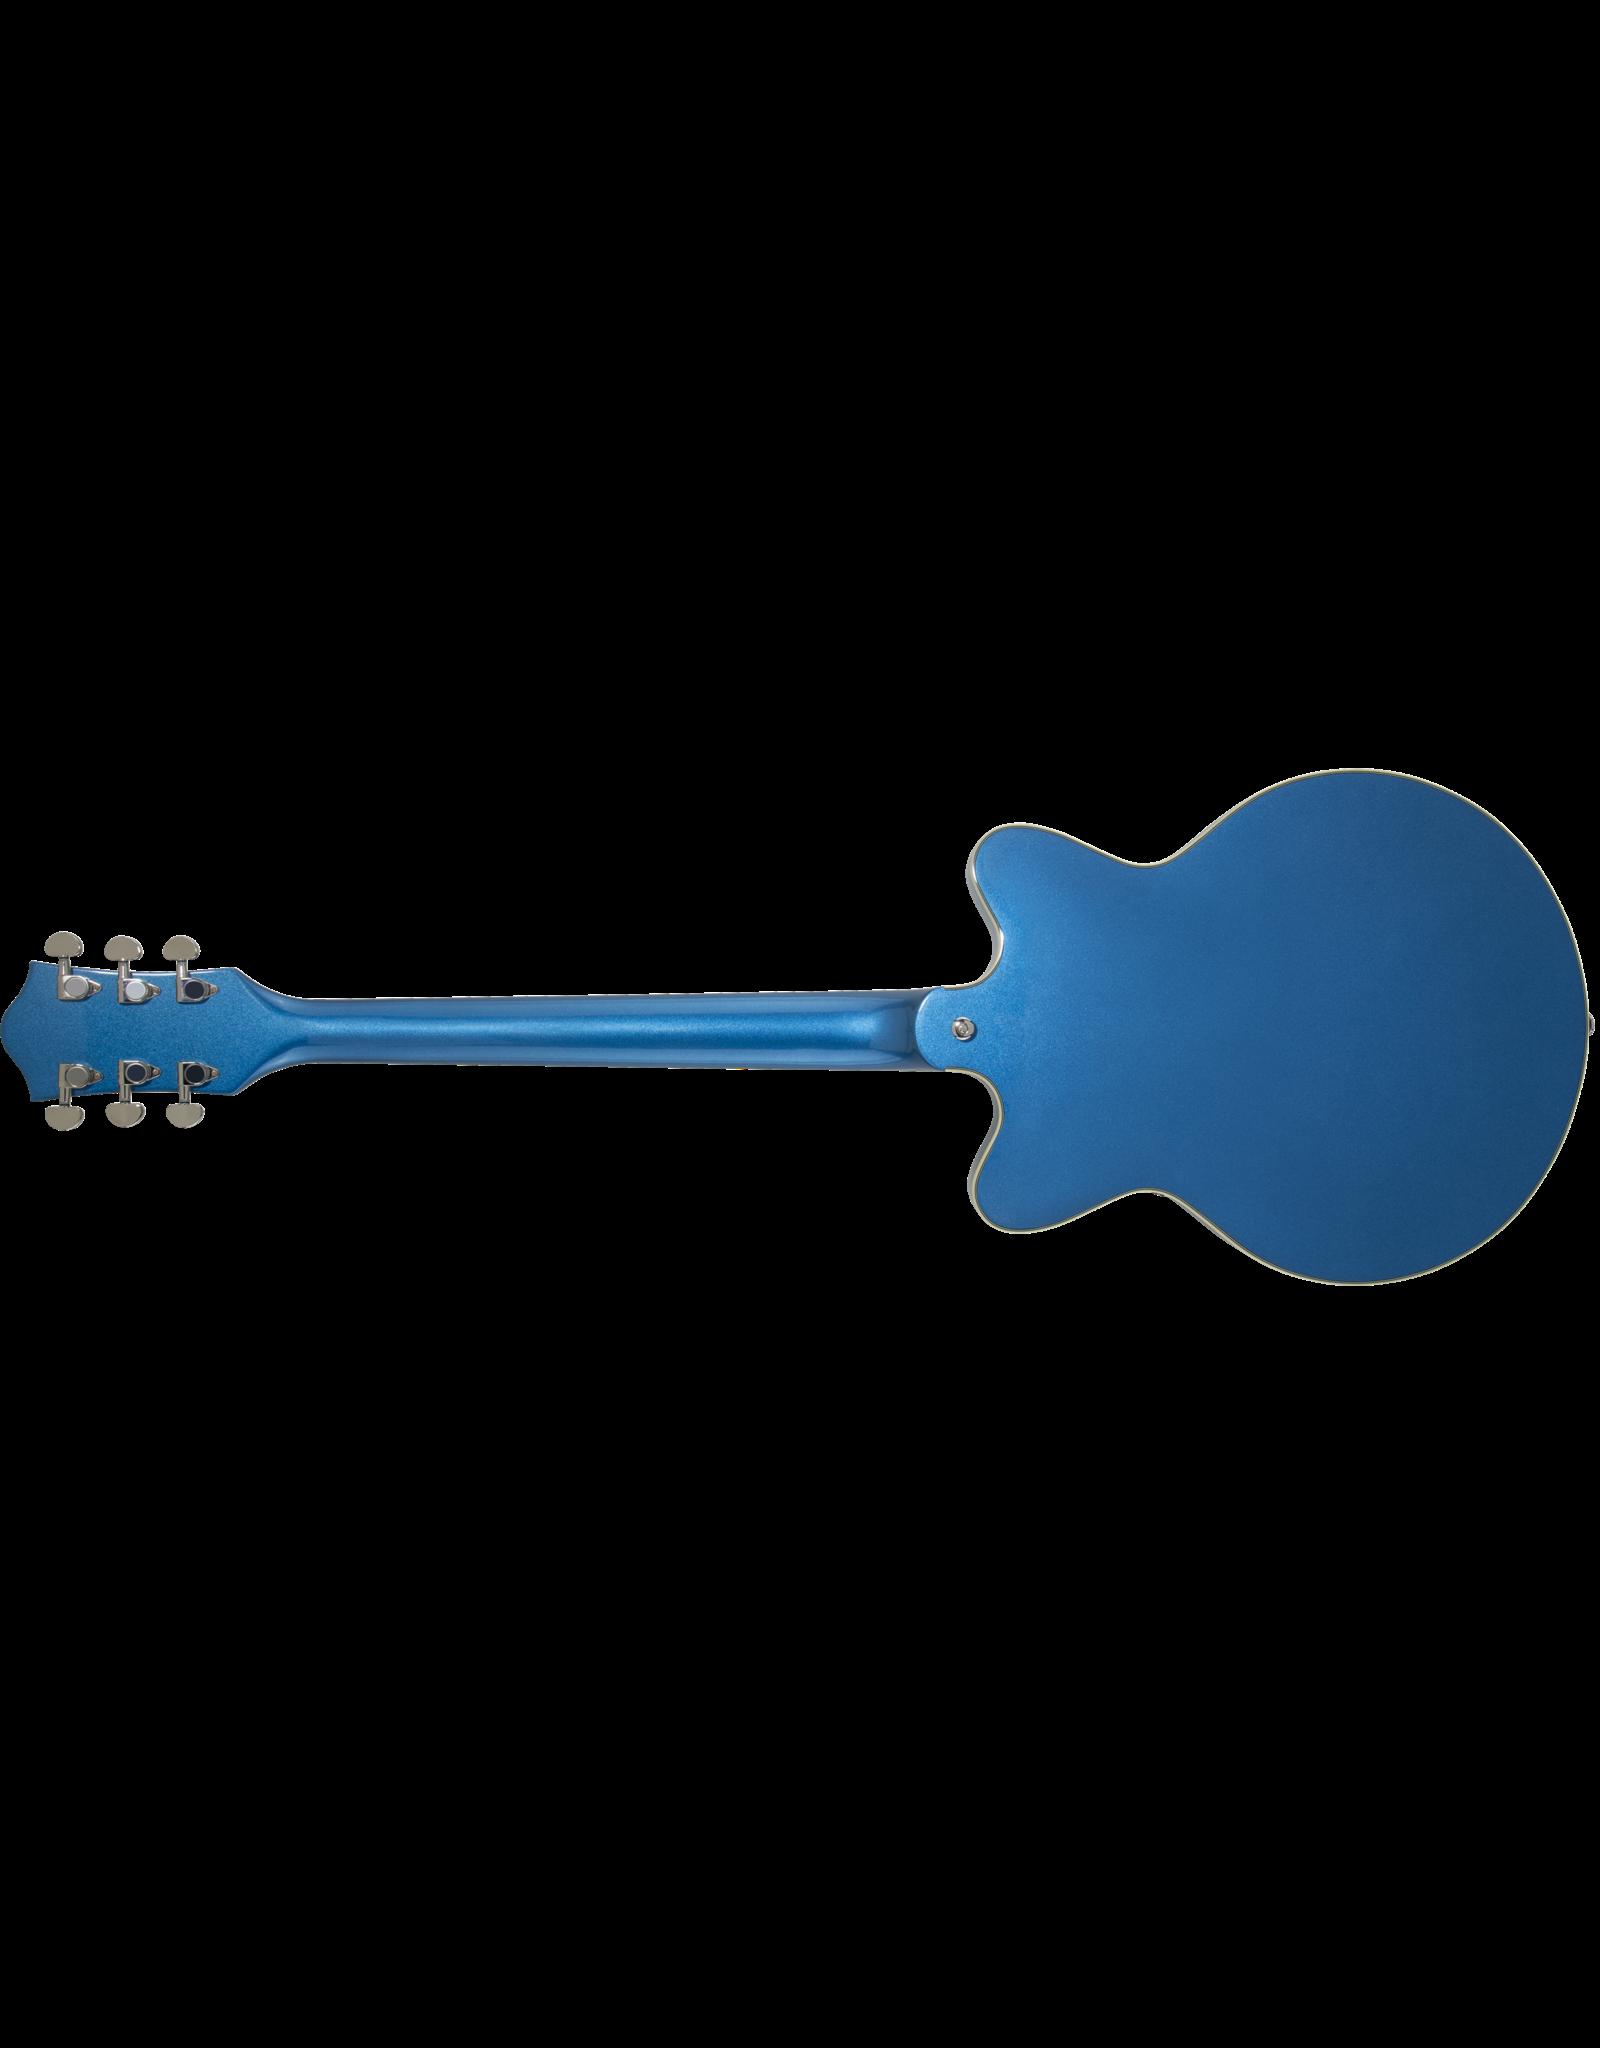 Fender Gretsch G2655T Streamliner Fairlane Blue